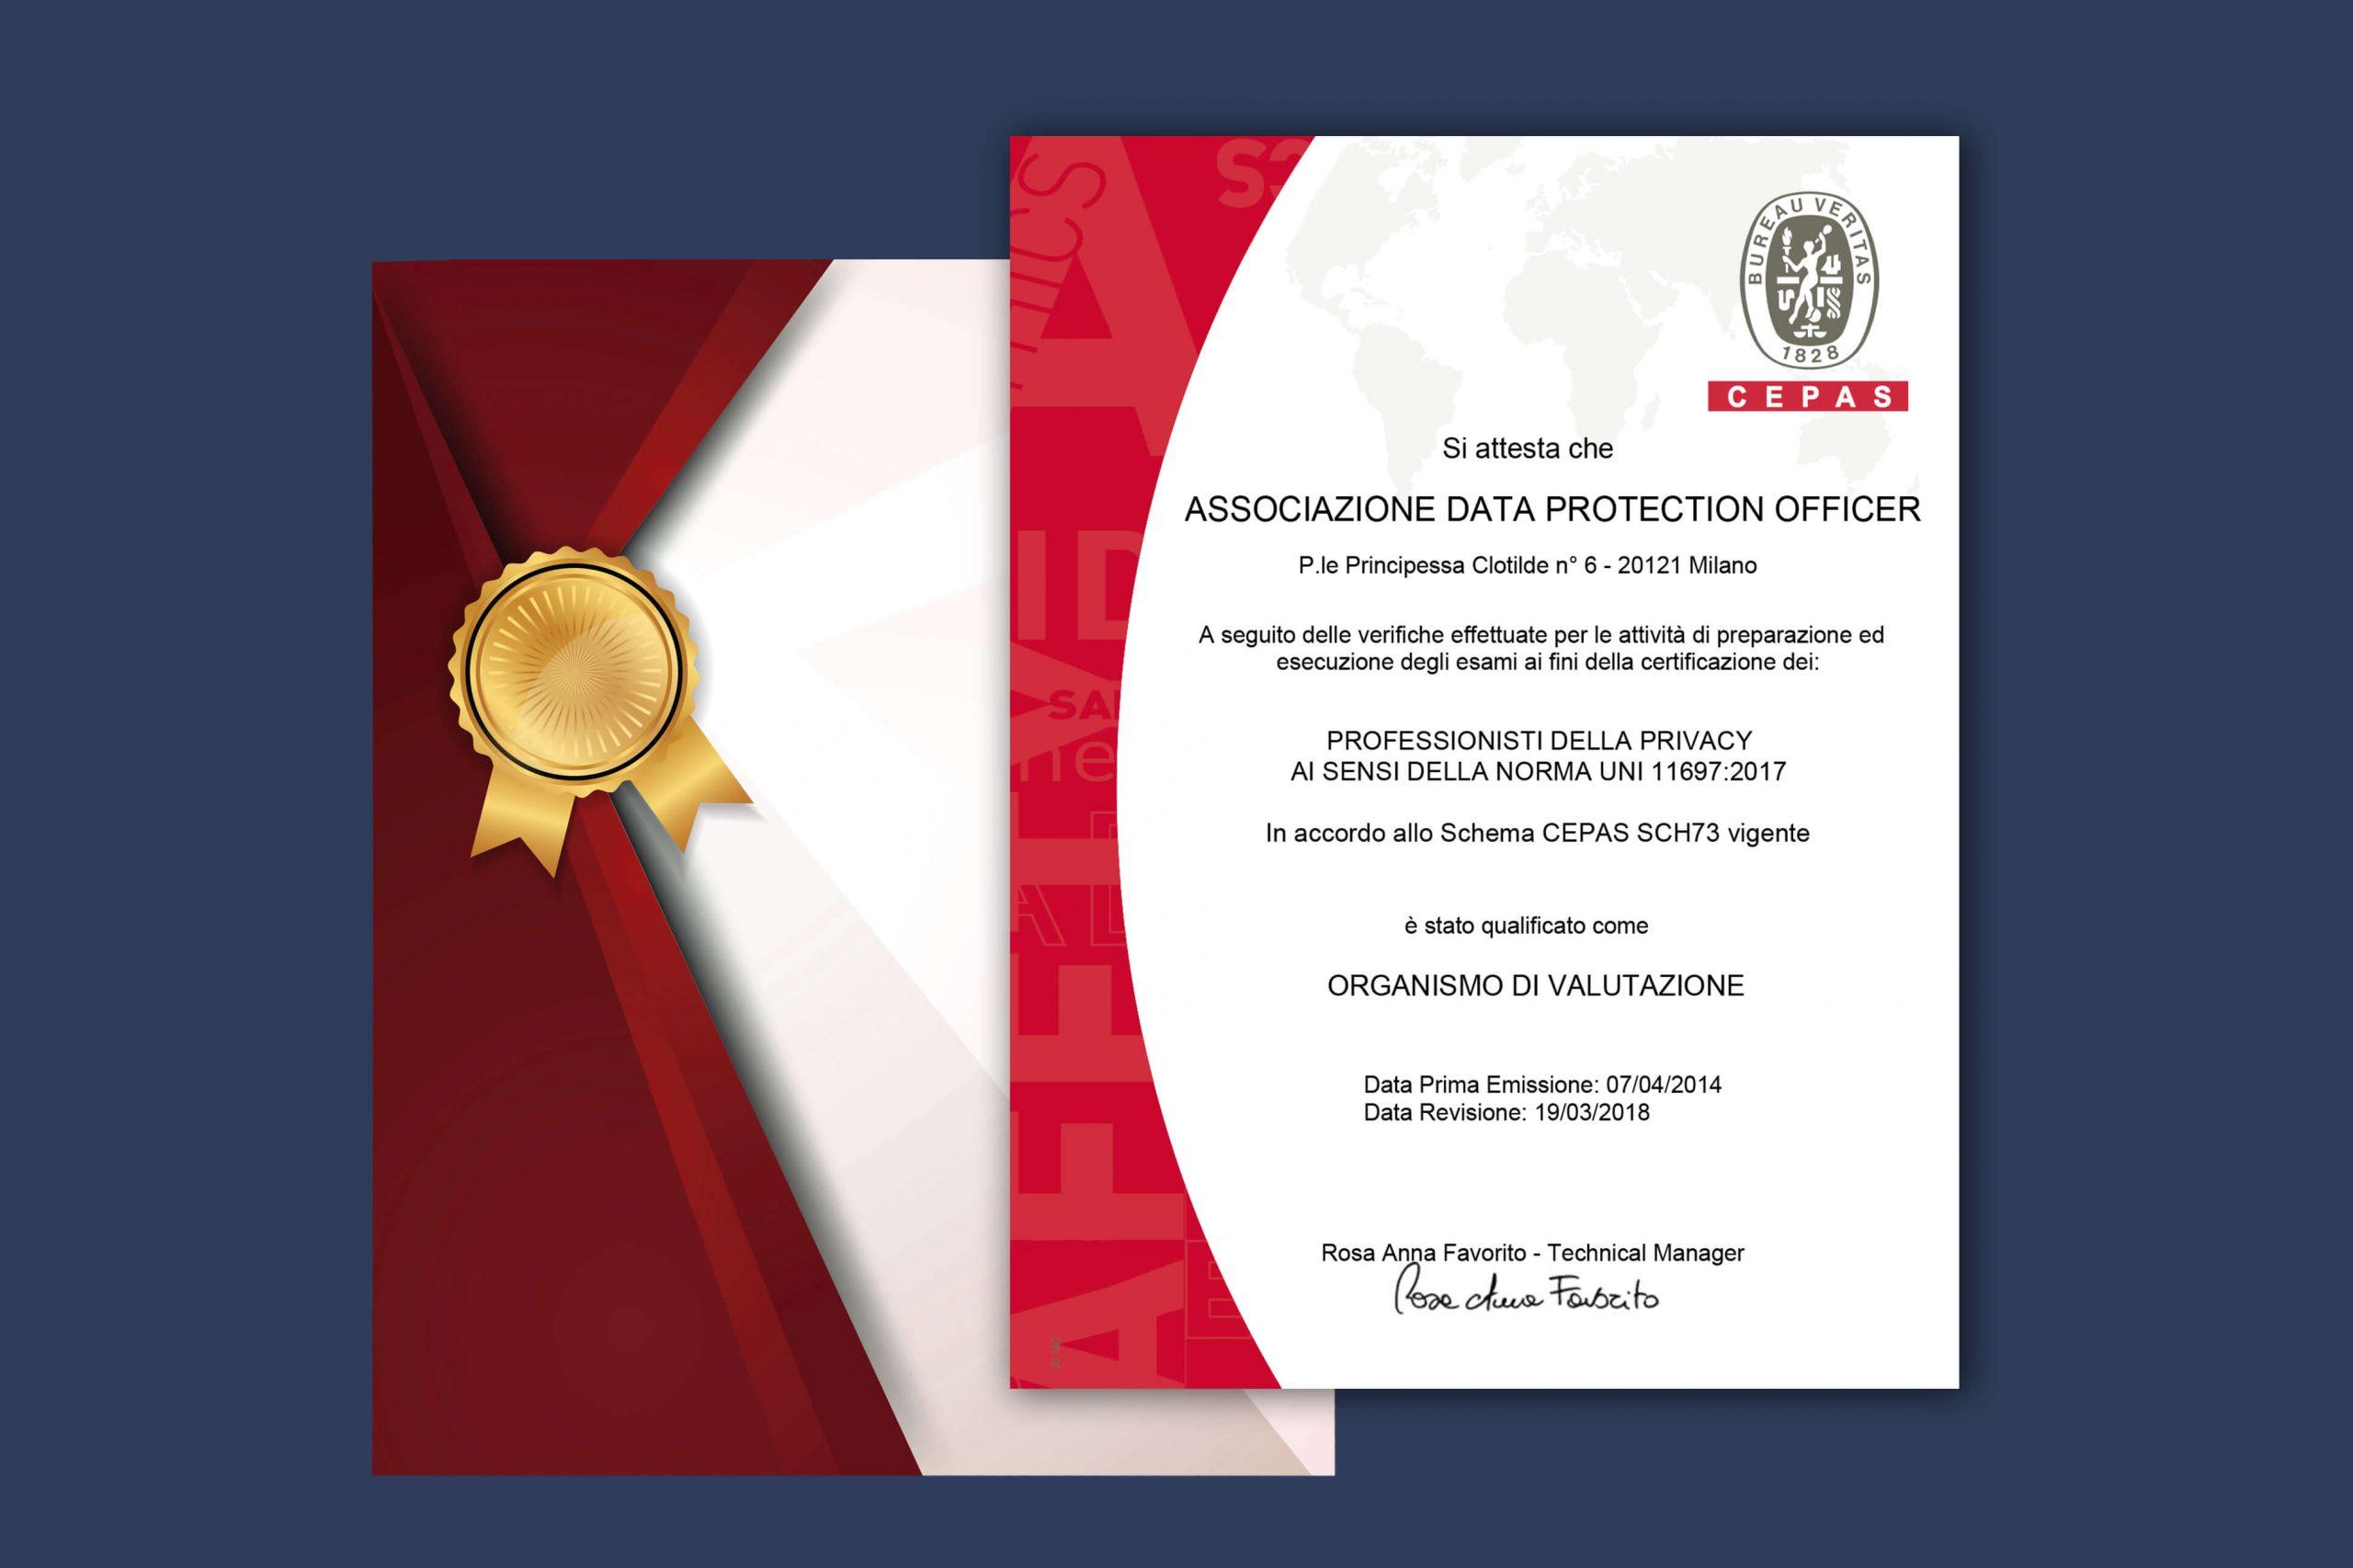 Attestato Asso DPO - professionisti privacy